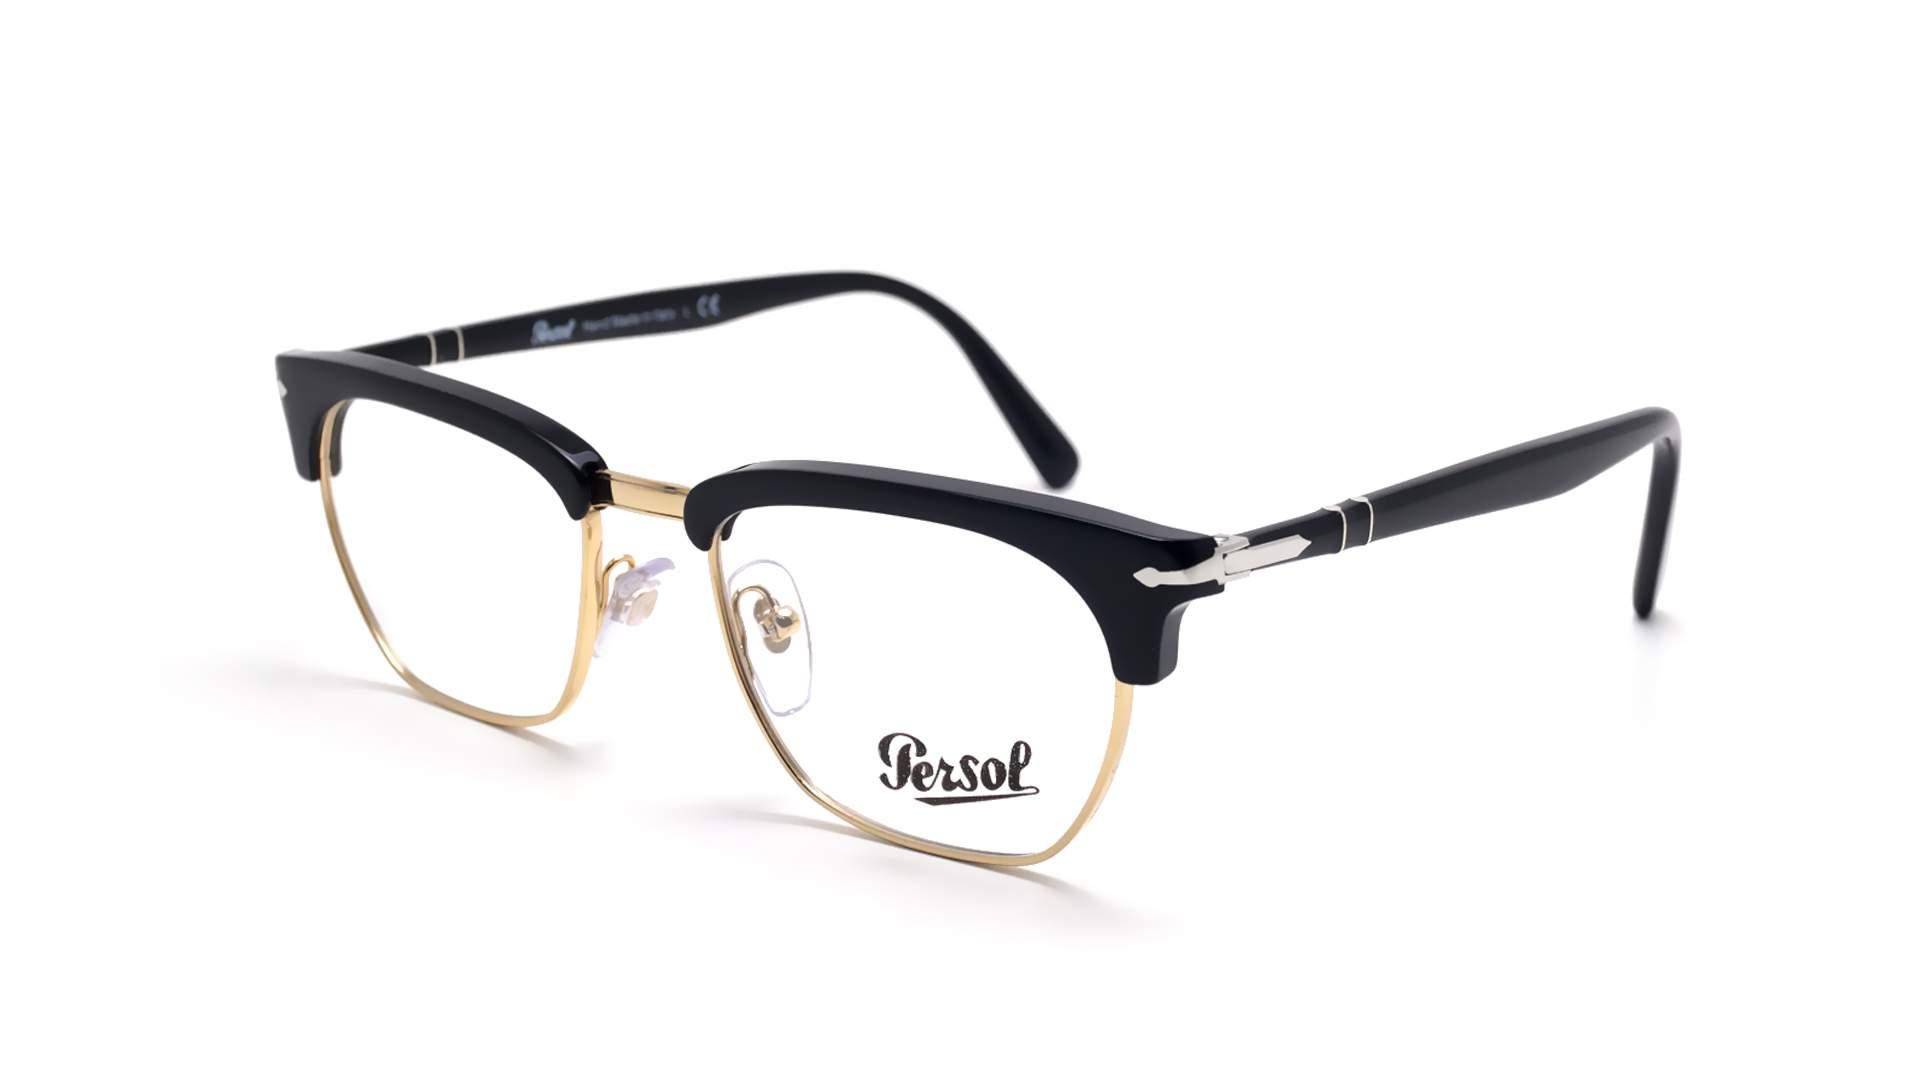 7fd10f4c42f Lunettes de vue Persol Tailoring edition Noir PO3196V 95 51-19 Medium